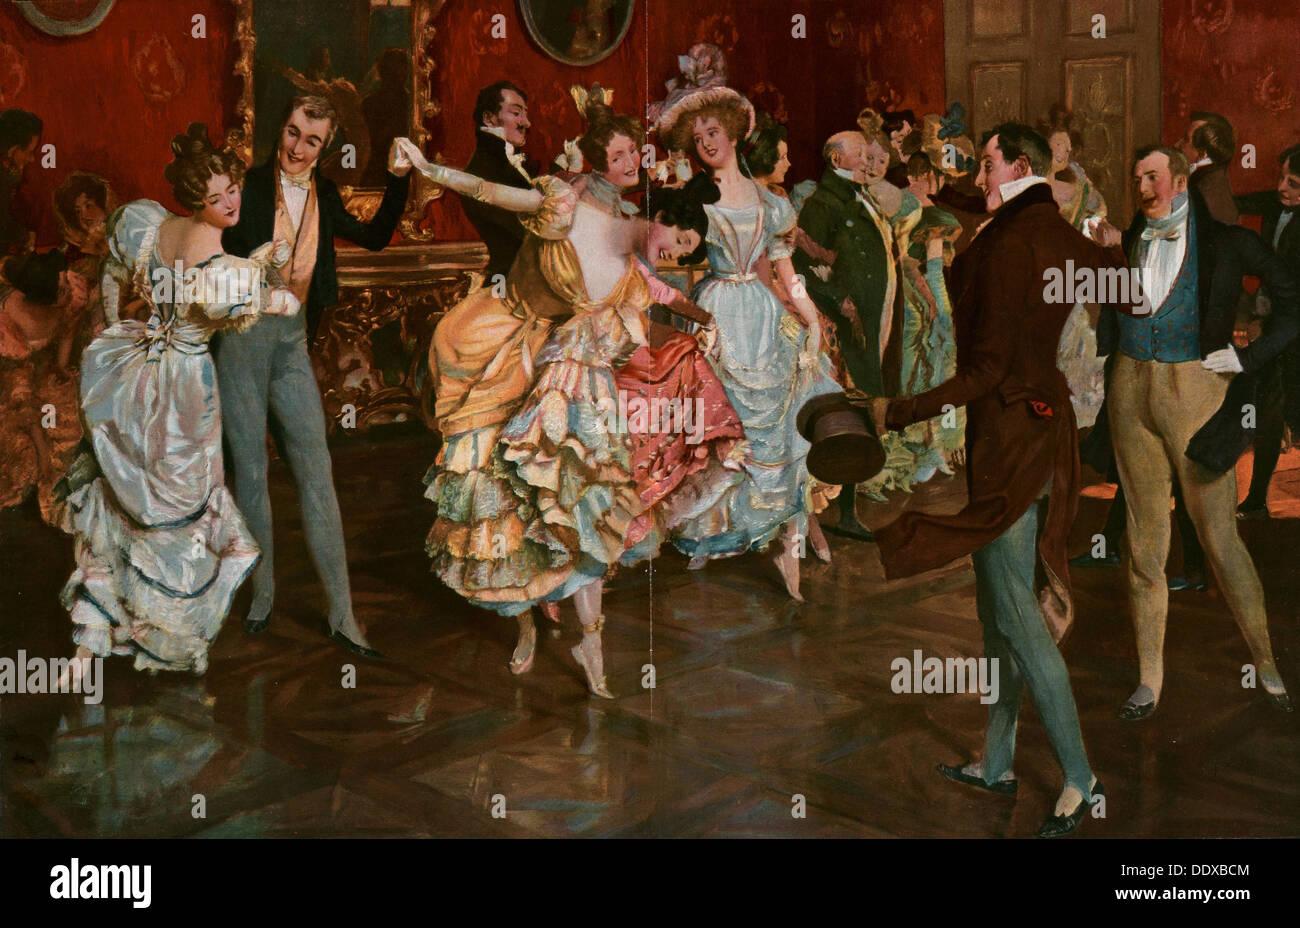 Peinture Danse par Leopold, Benoît Lévesque 1864-1941, peintre bohème, vécu en Allemagne. danse, danseur, jeunes, motion, femme, homme Photo Stock